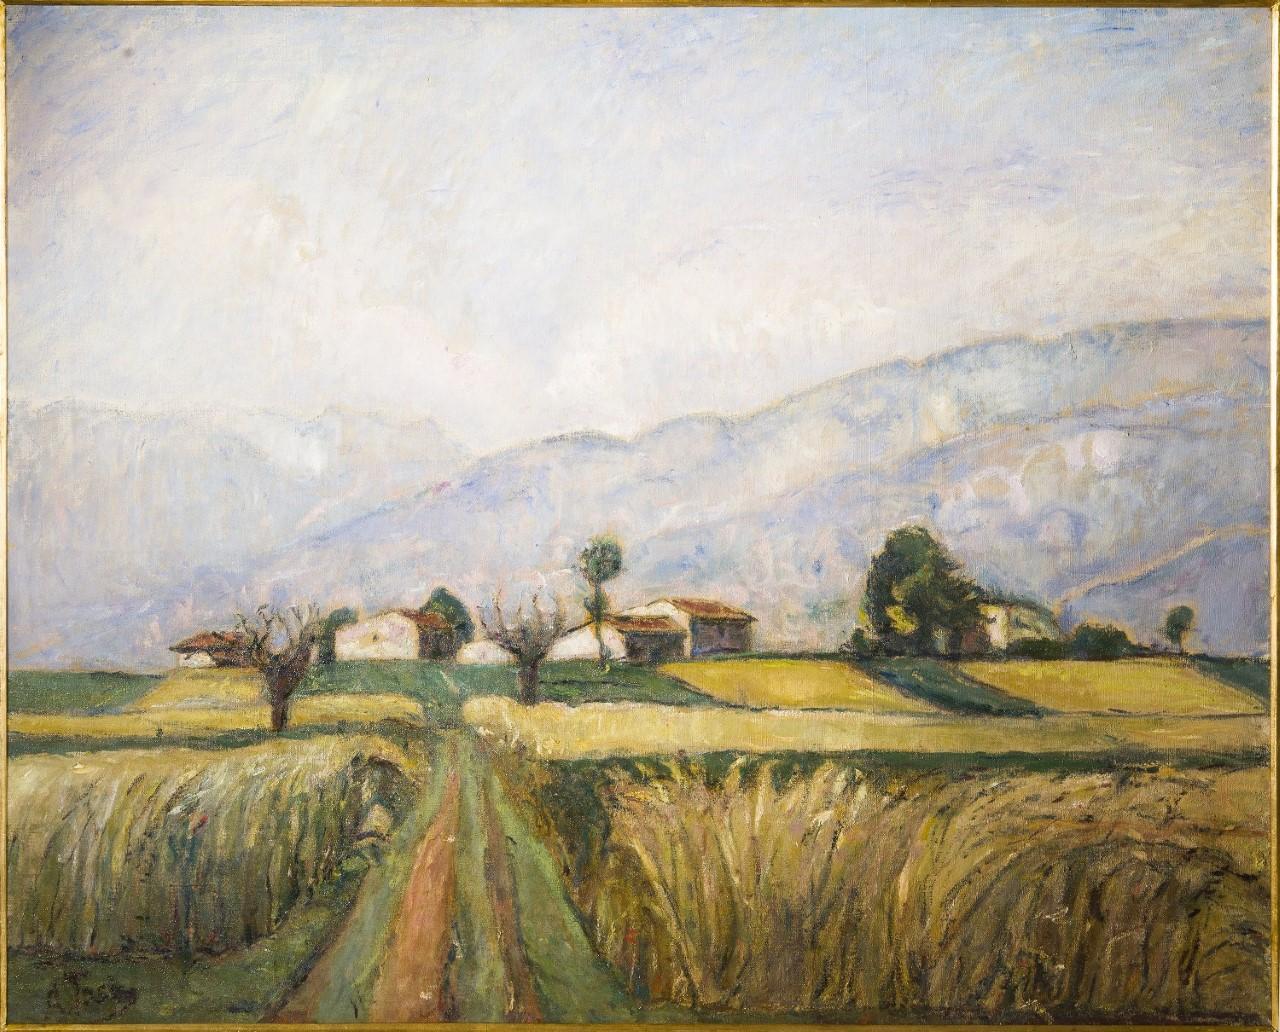 La messe, Arturo Tosi